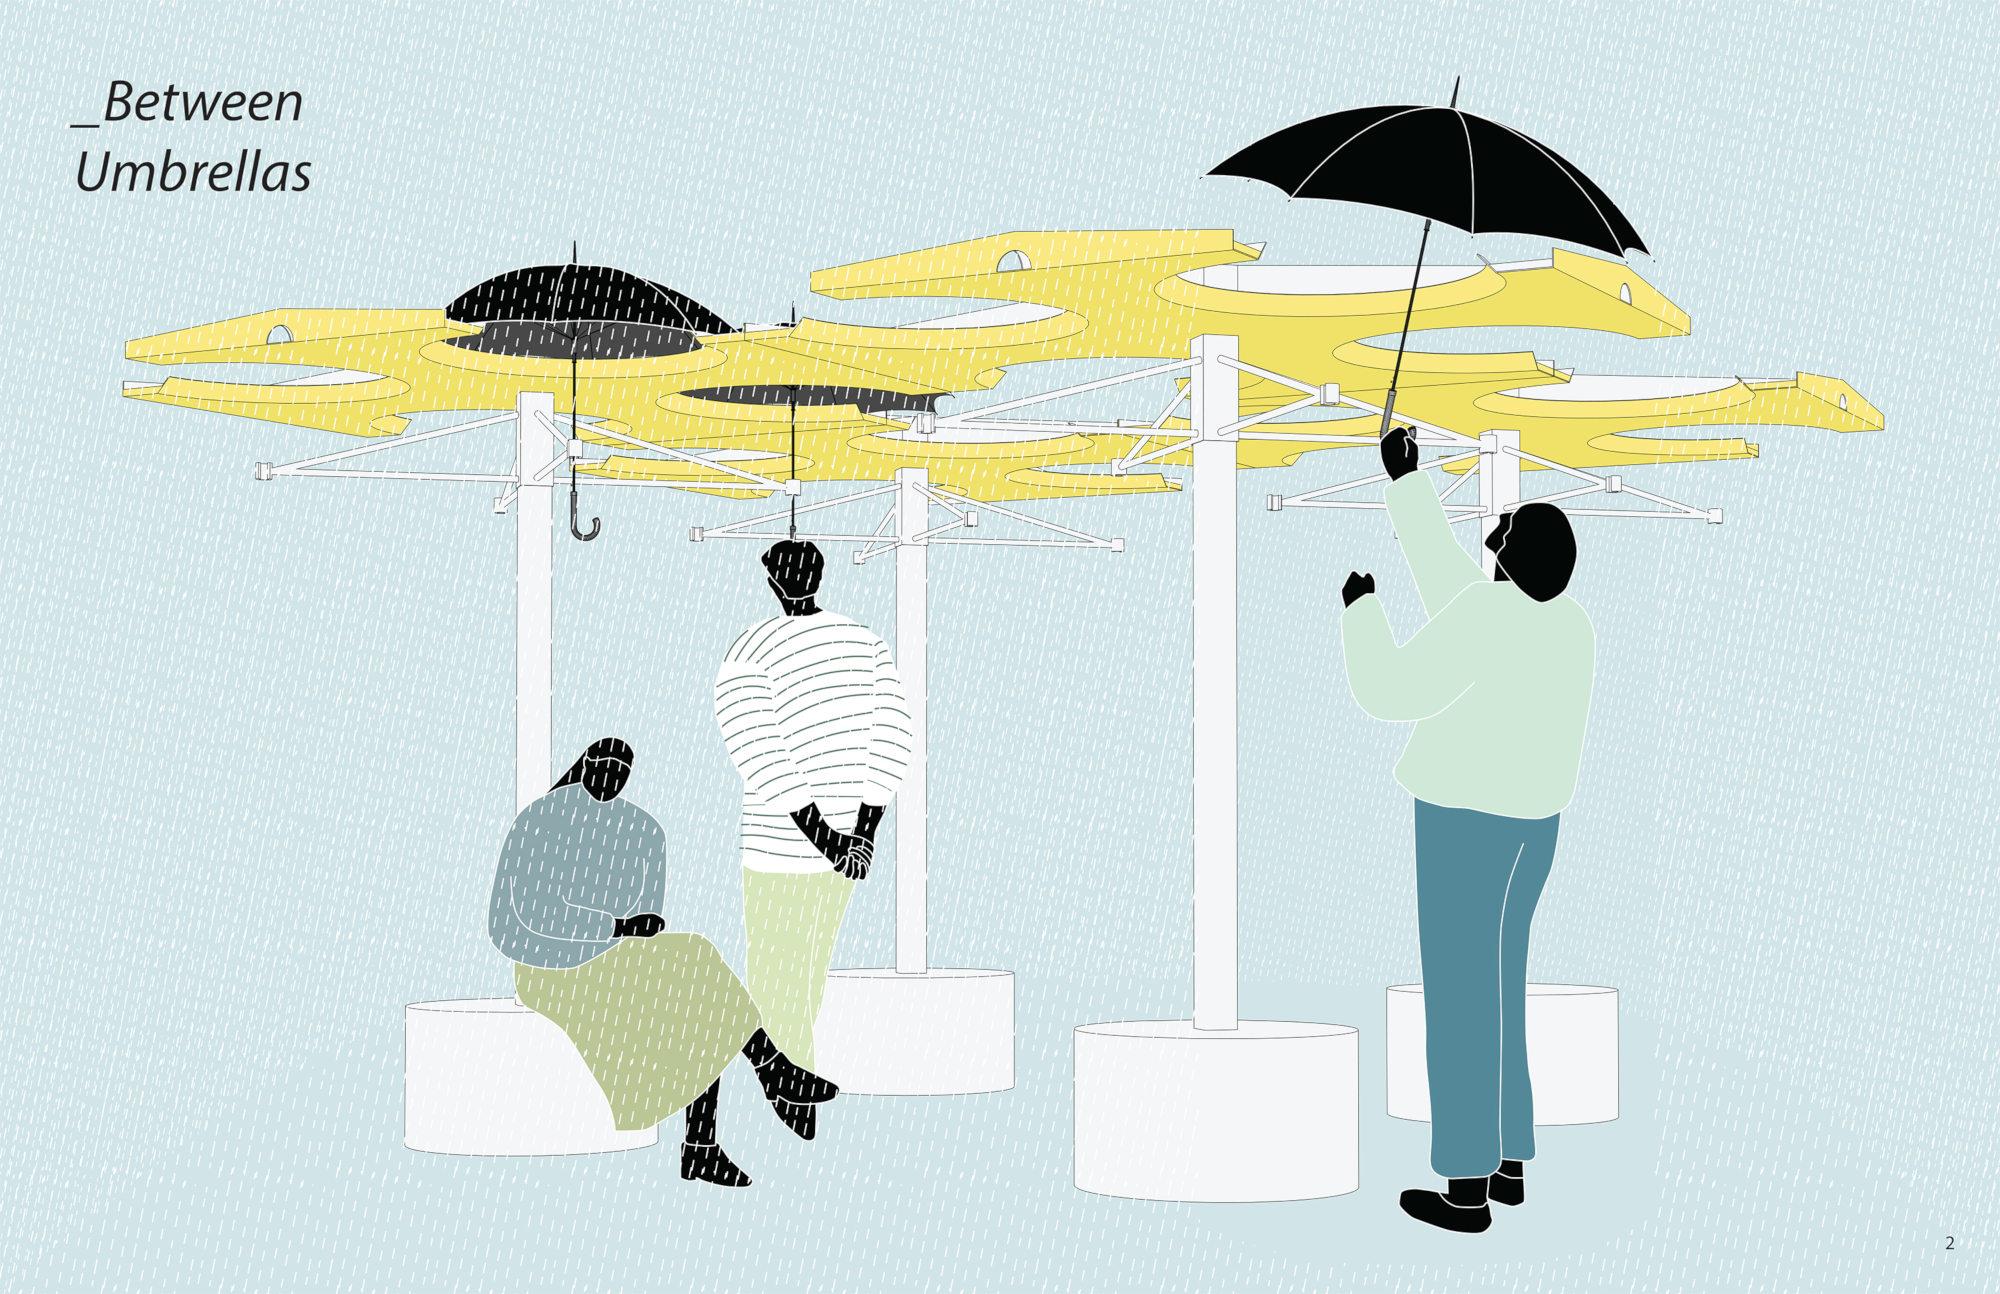 B9 - _Between Umbrellas